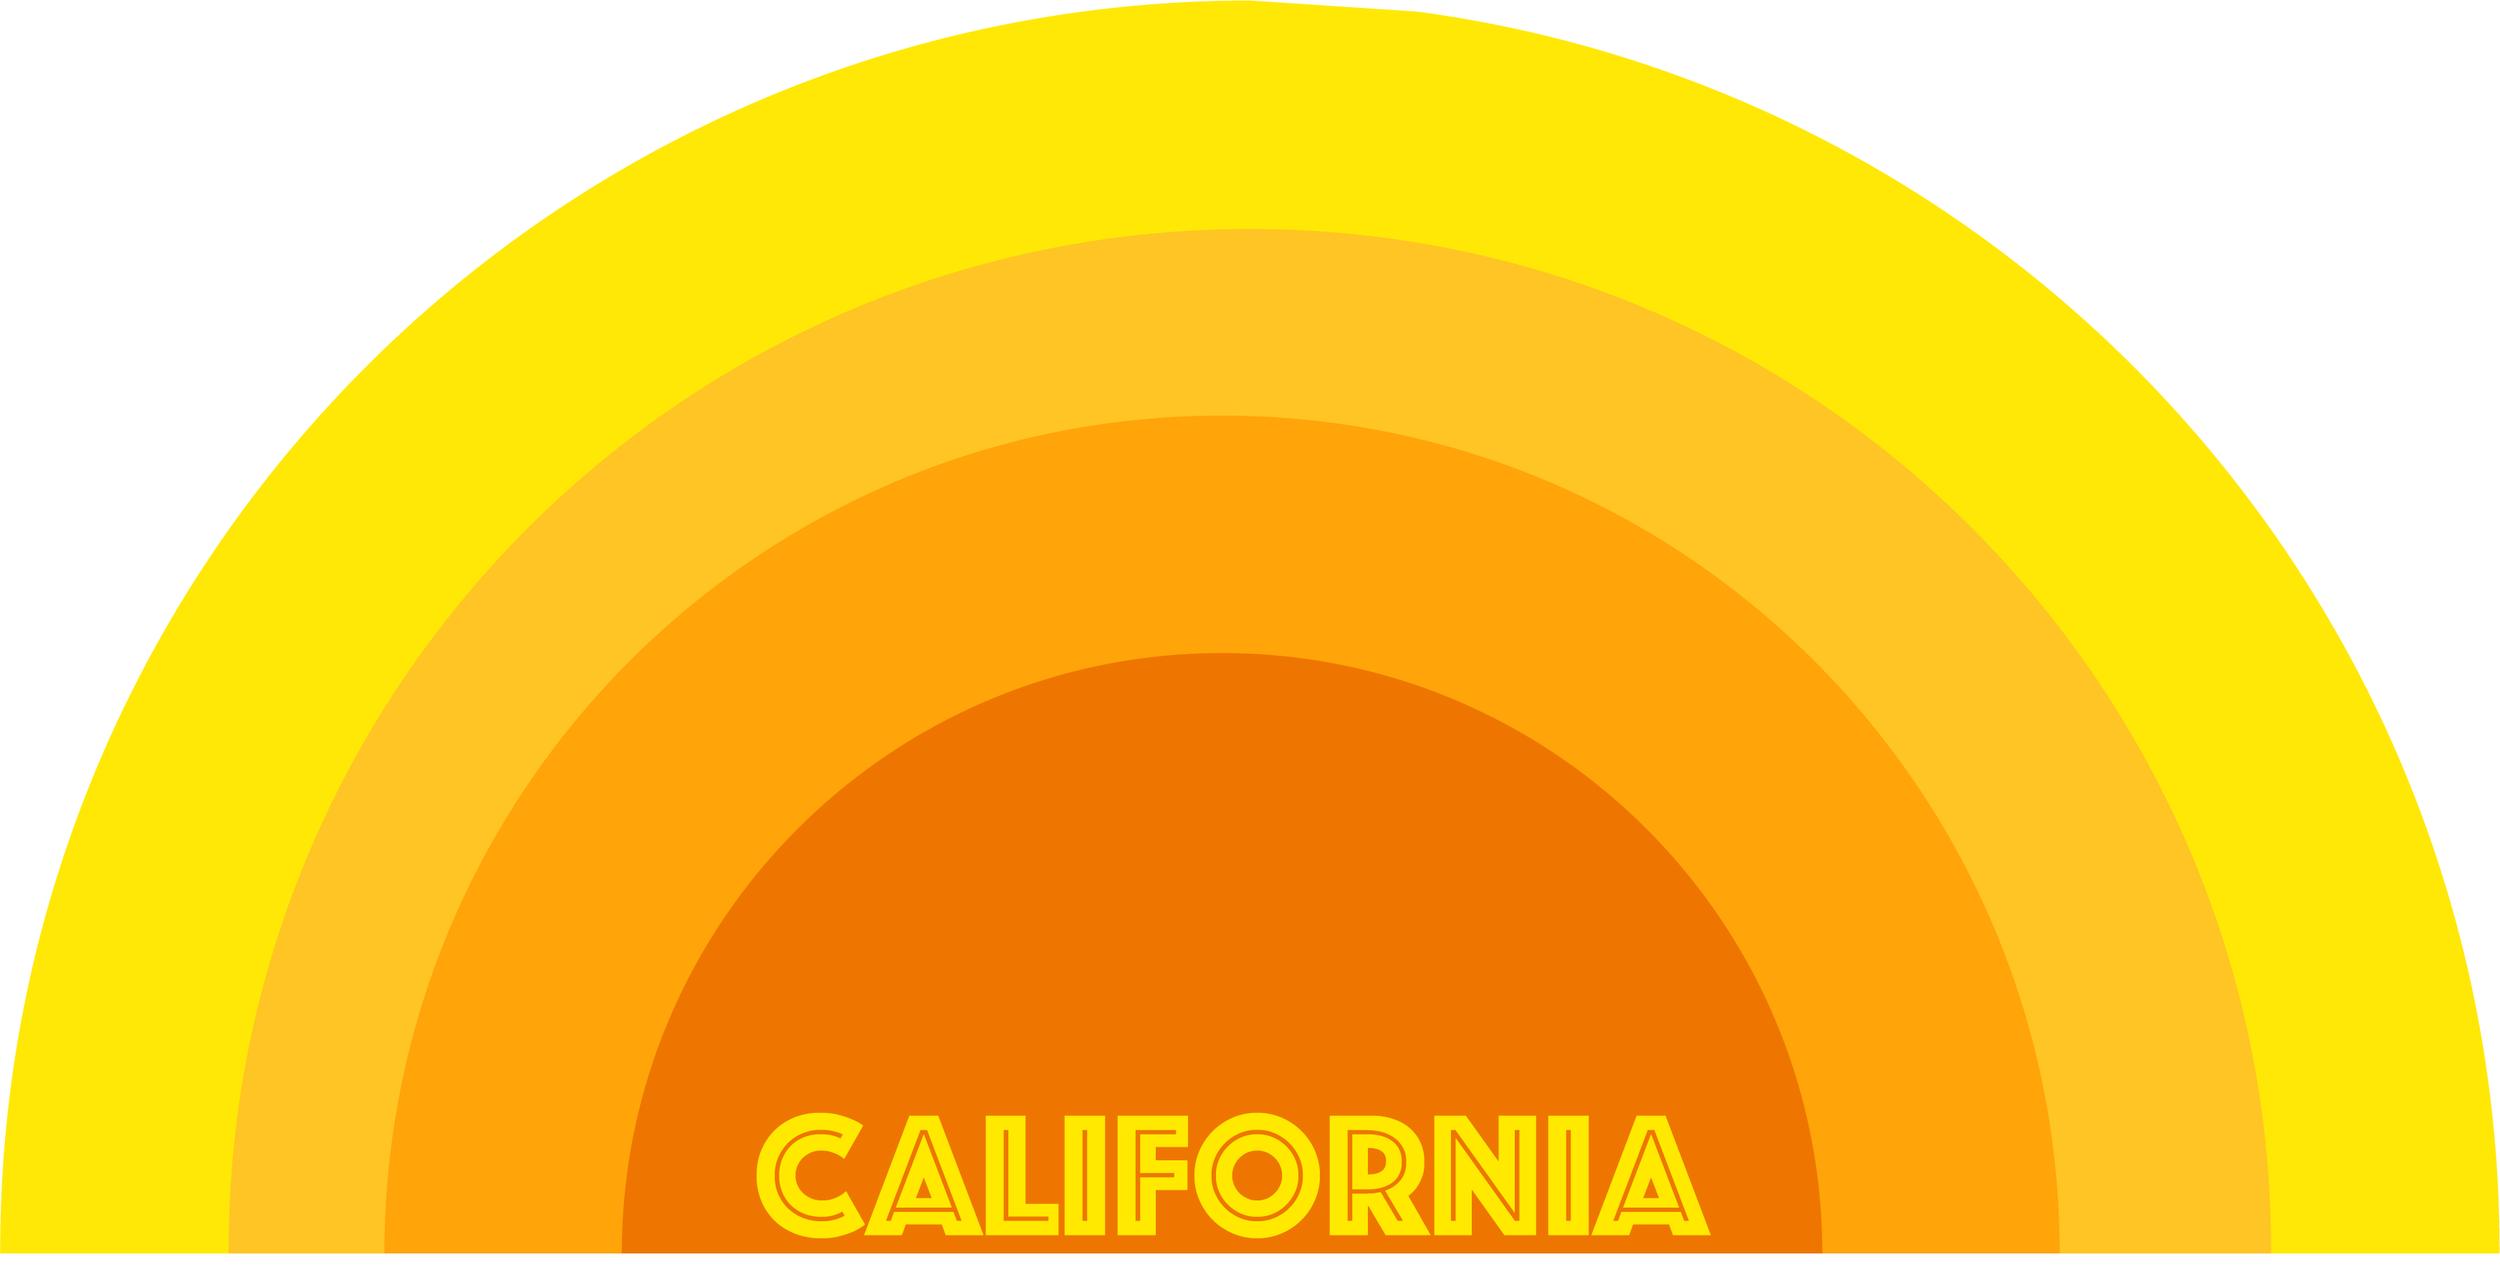 CALIFORNIAhalfsun.png